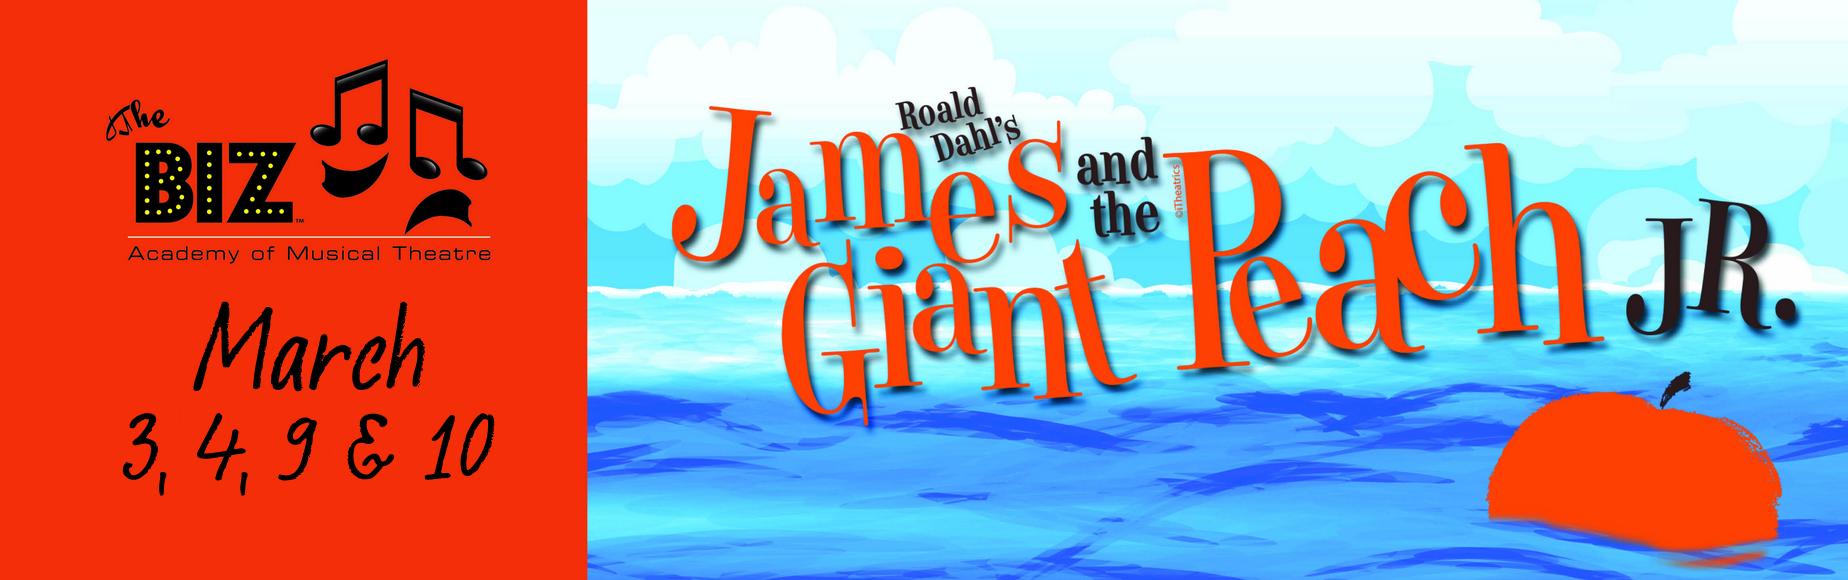 James-new-dates